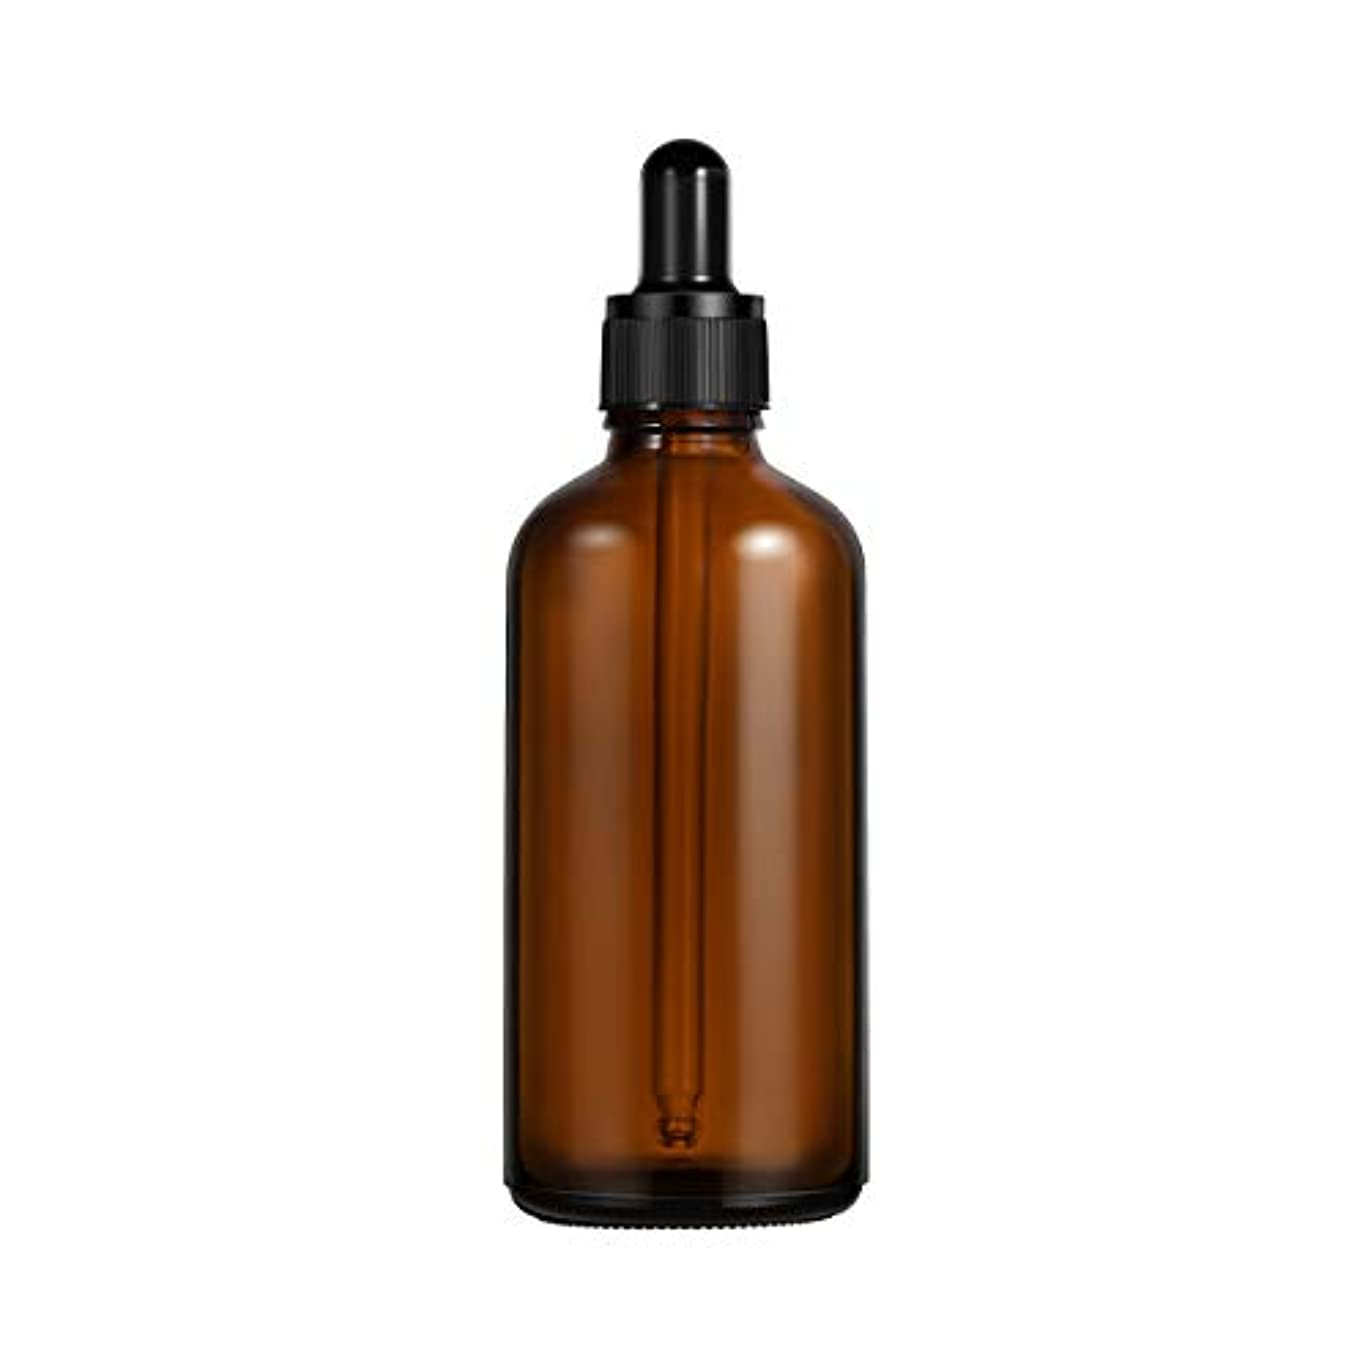 頼む球体樫の木Frcolor 遮光瓶 スポイト遮光瓶 スポイト付き アロマボトル 100ml 保存容器 エッセンシャルオイル 香水 保存用 詰替え ガラス 茶色